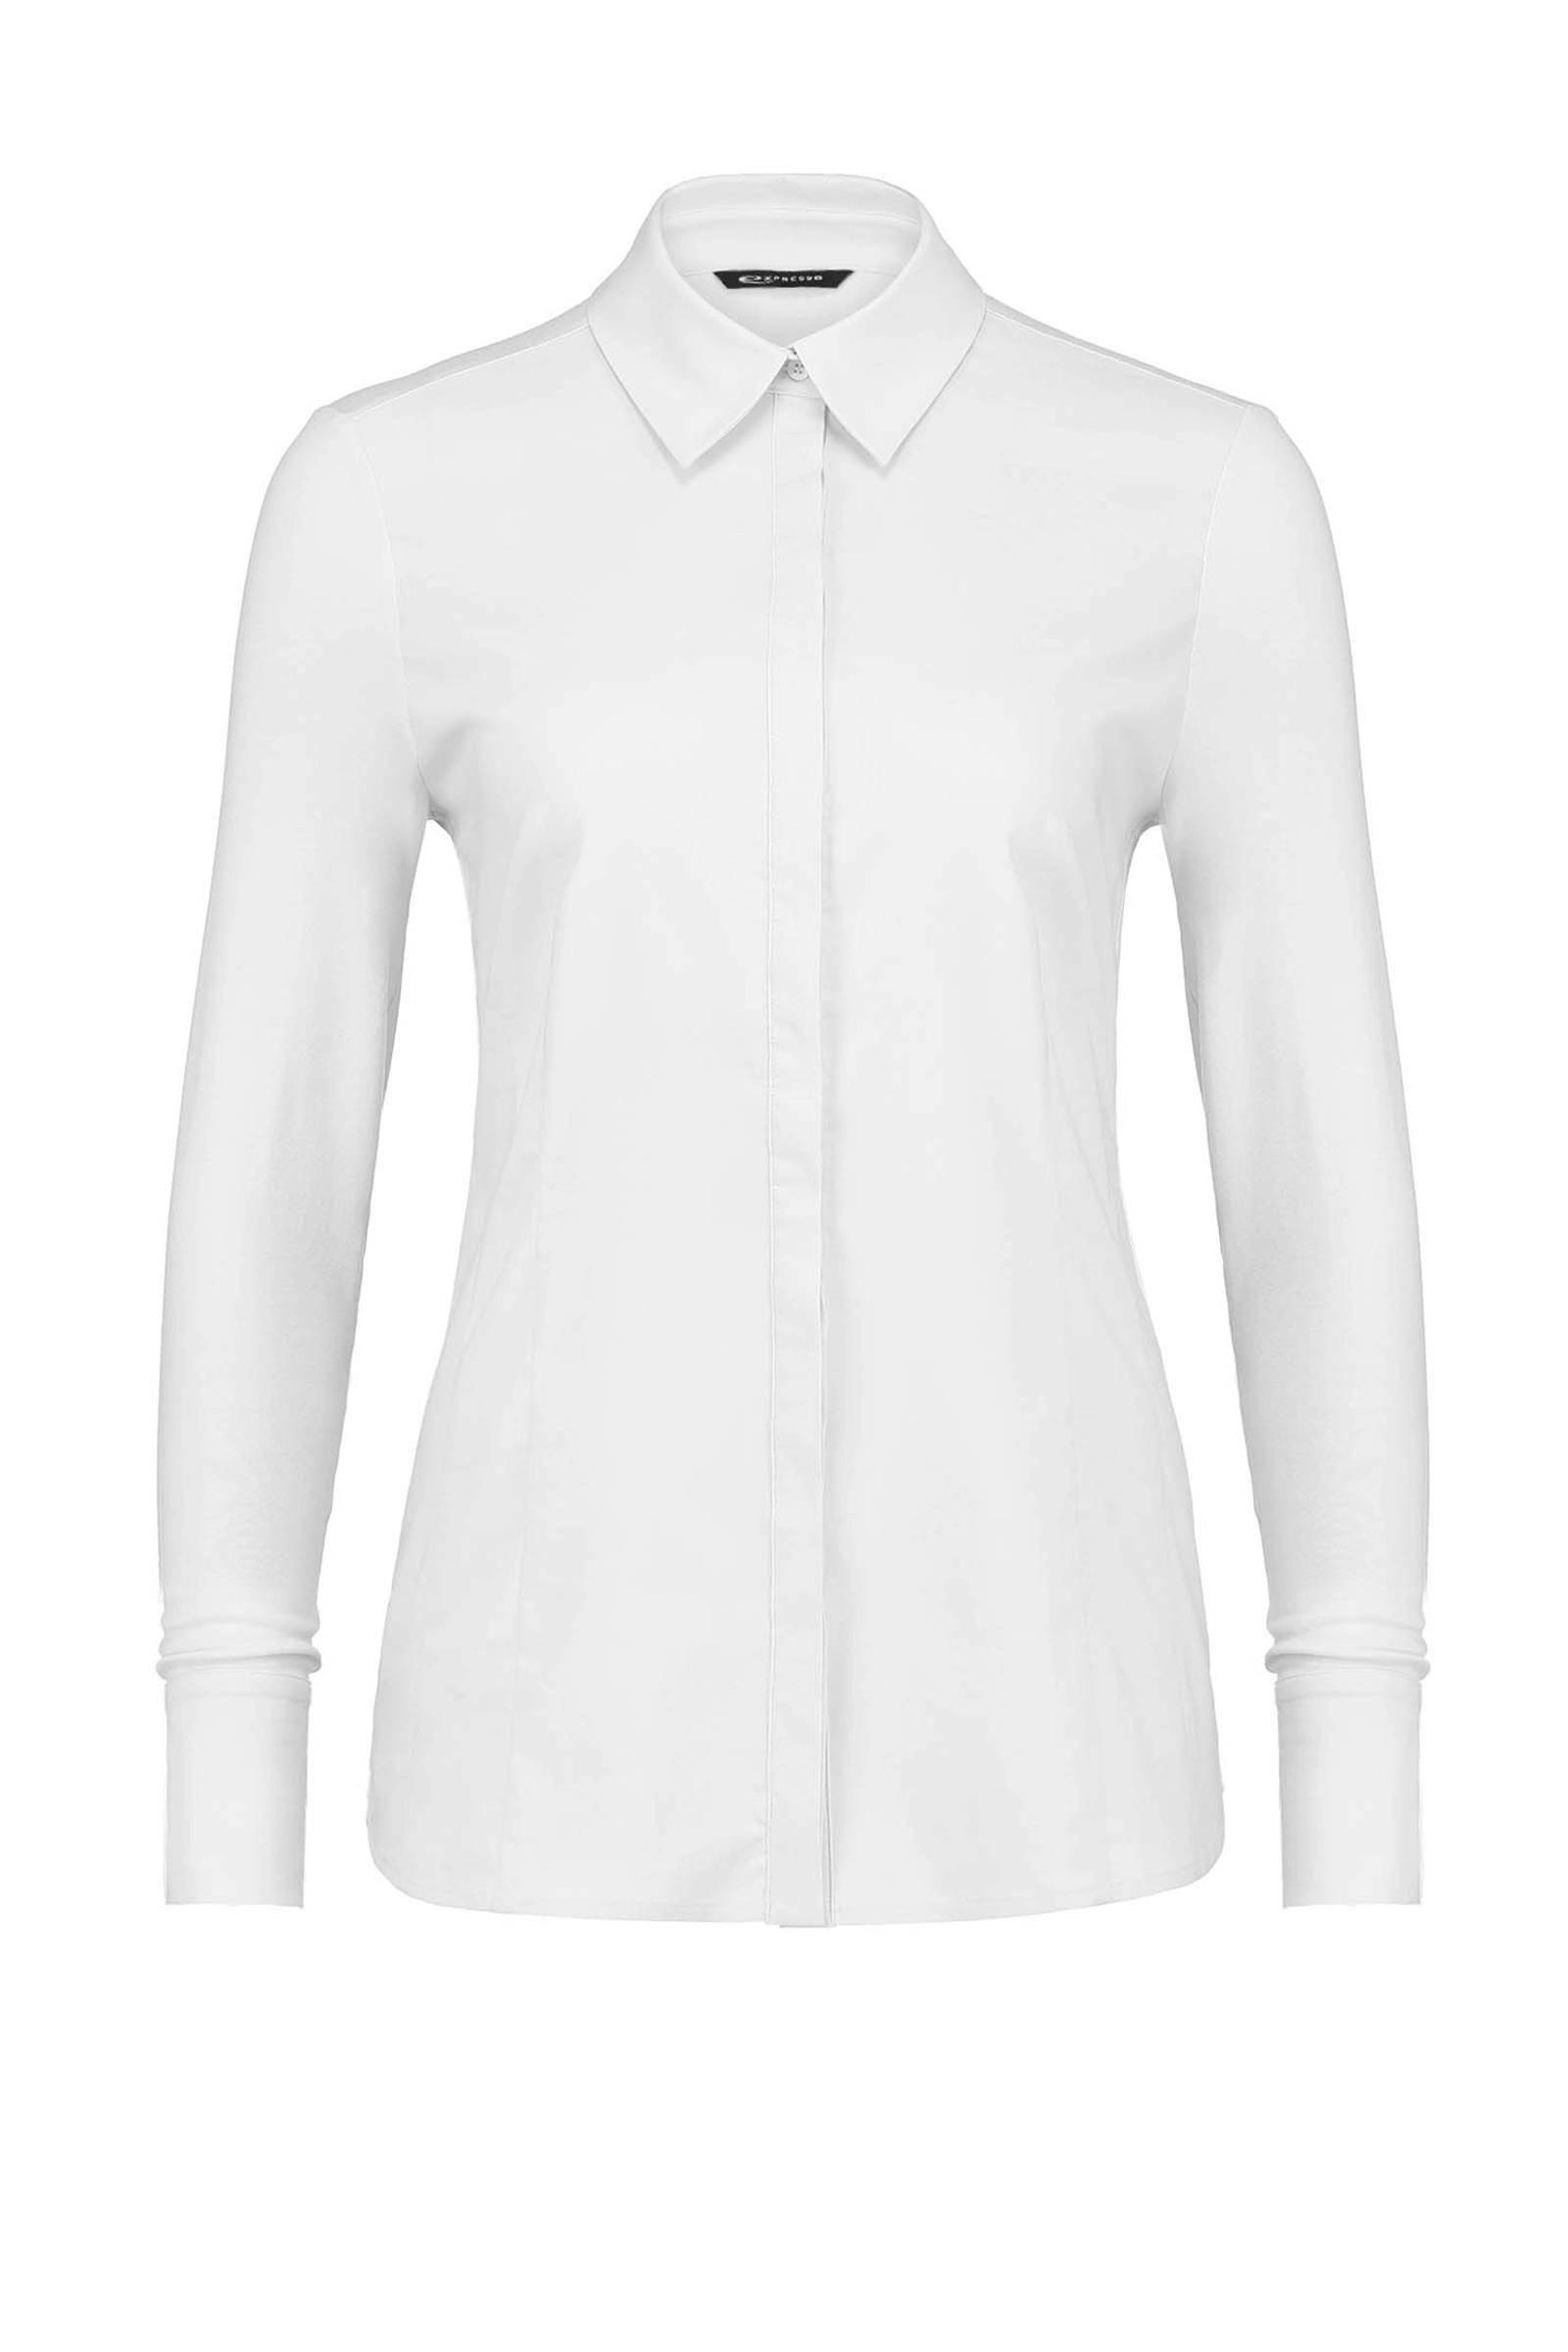 witte blouse met hartjes